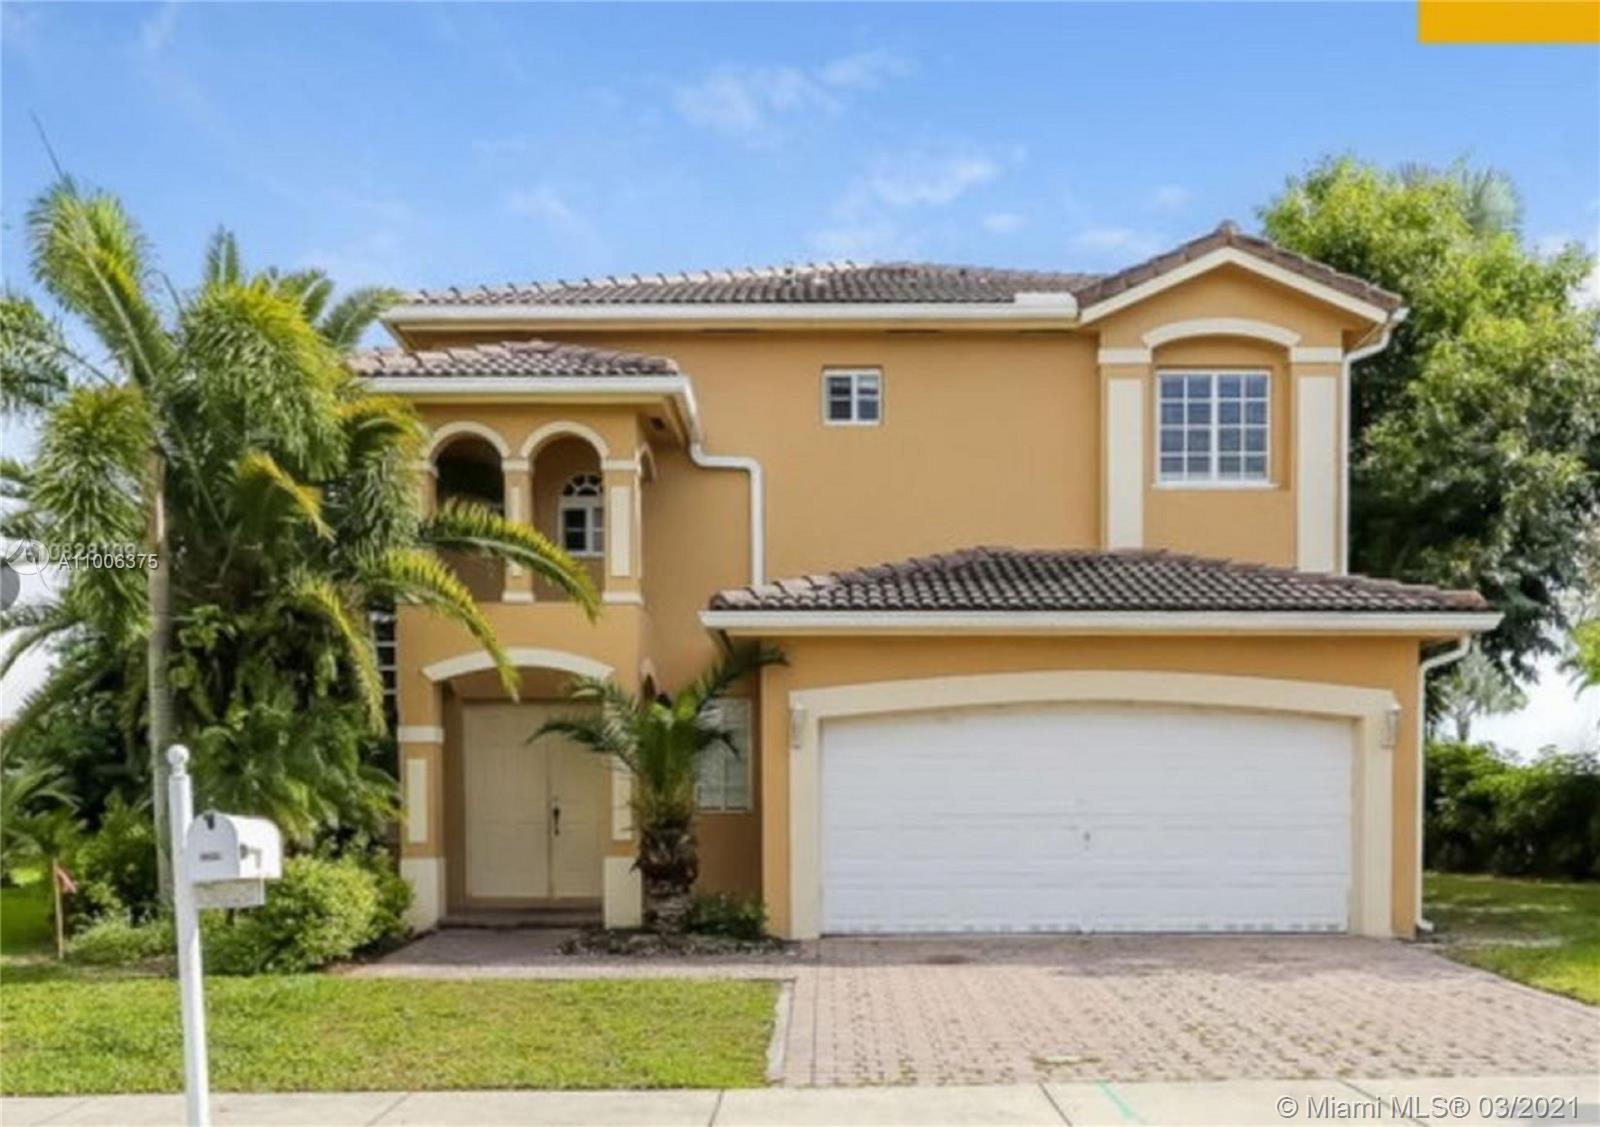 1500 Se 23rd St Property Photo